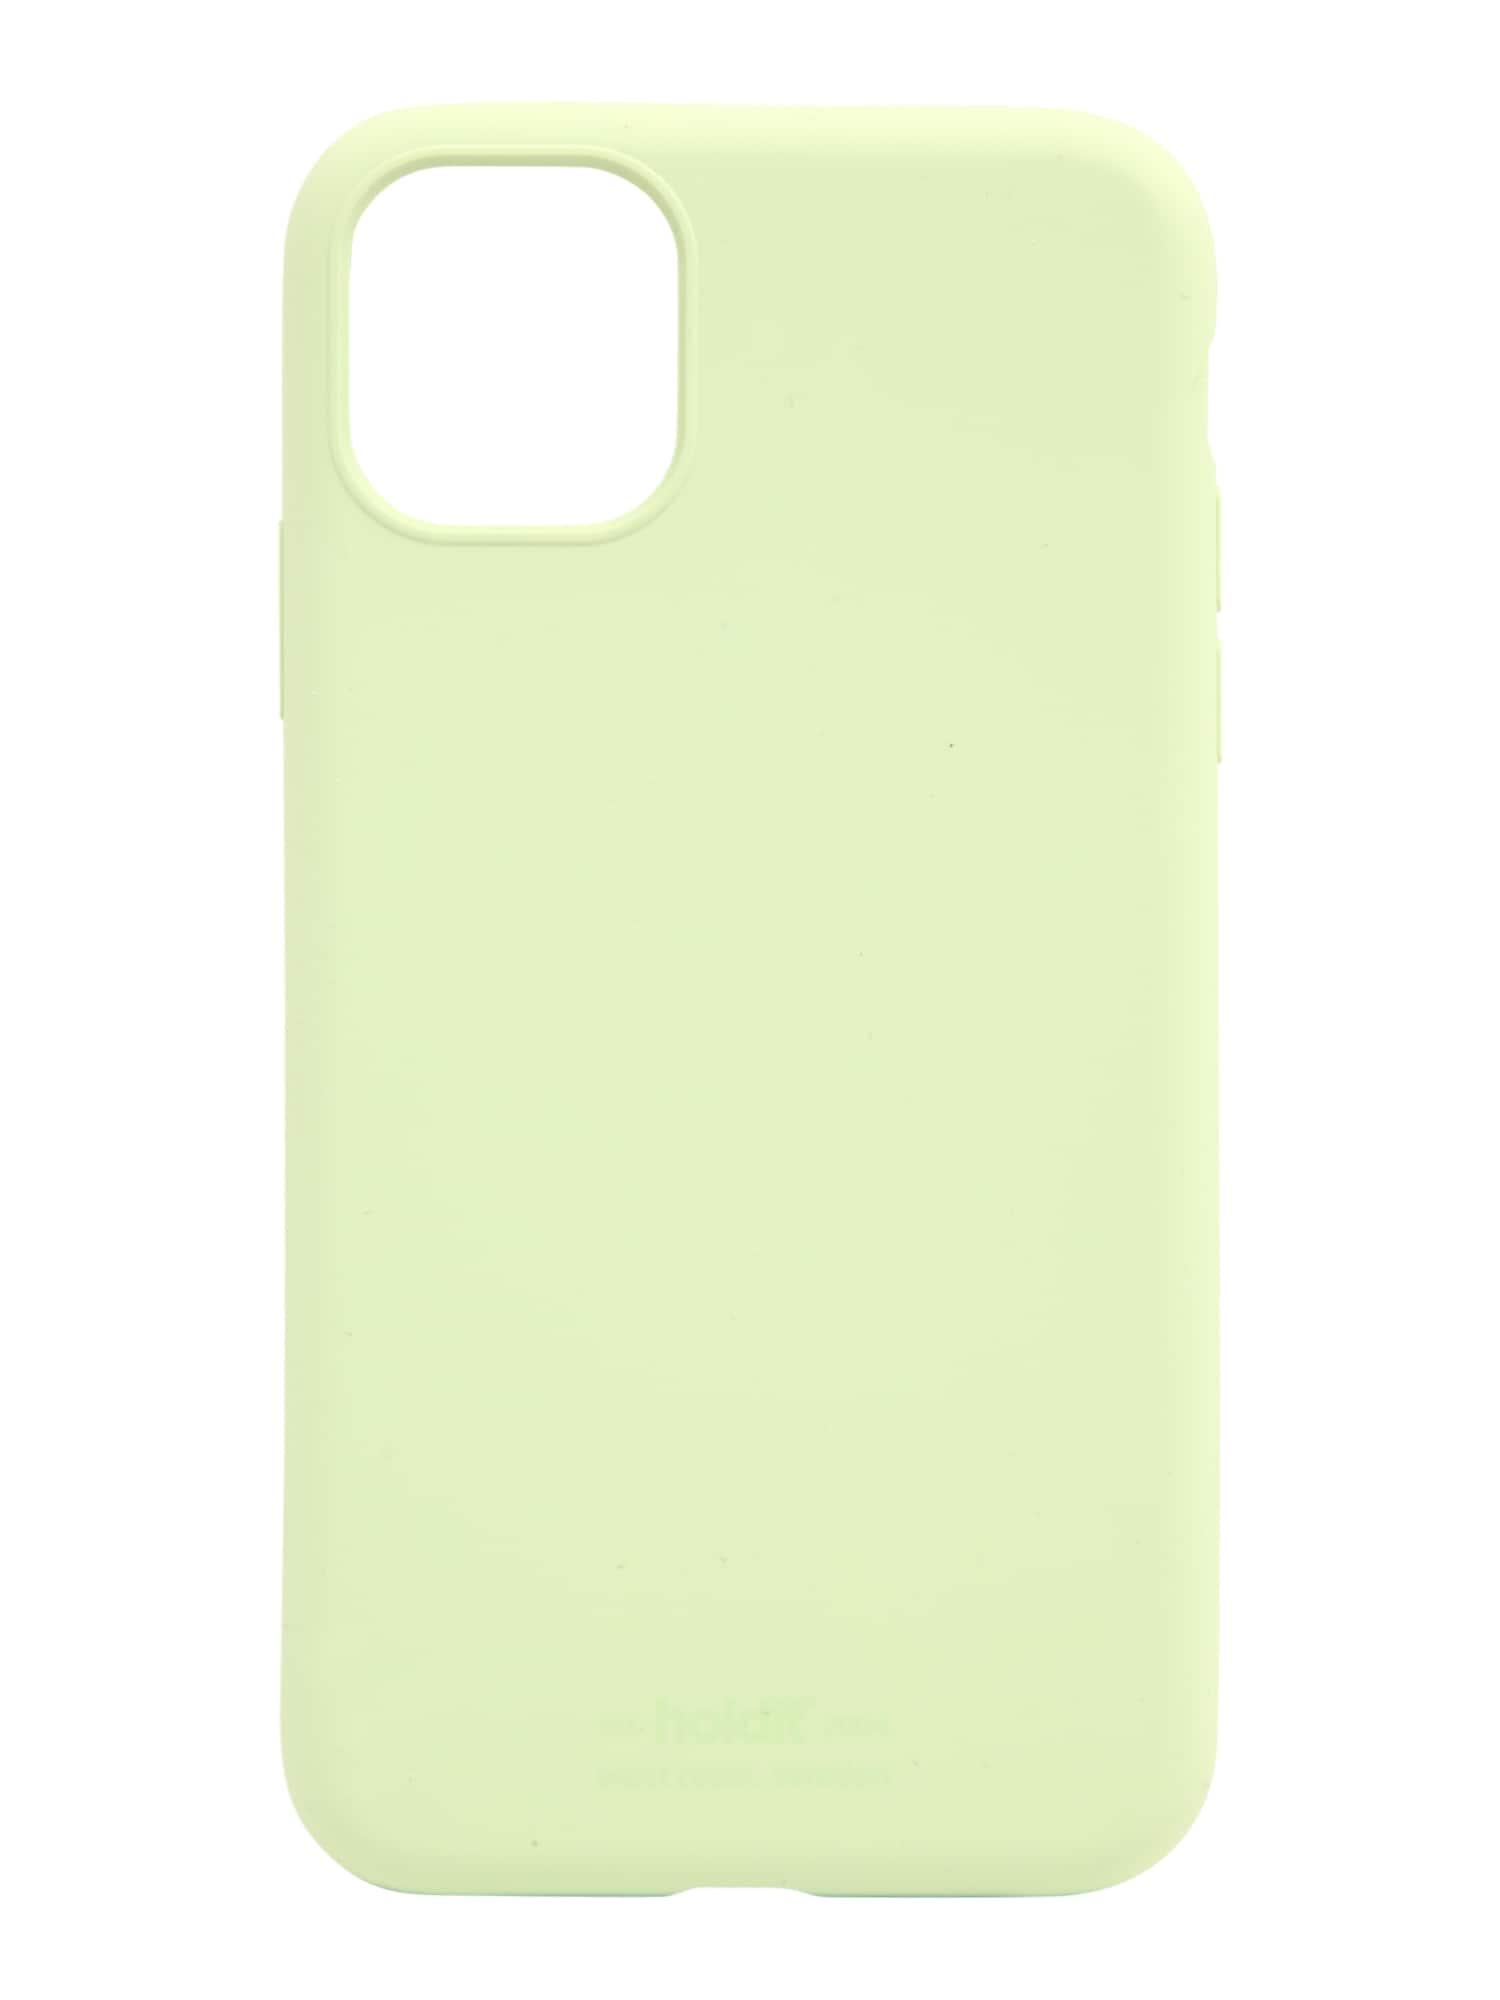 Holdit Išmaniojo telefono dėklas šviesiai žalia